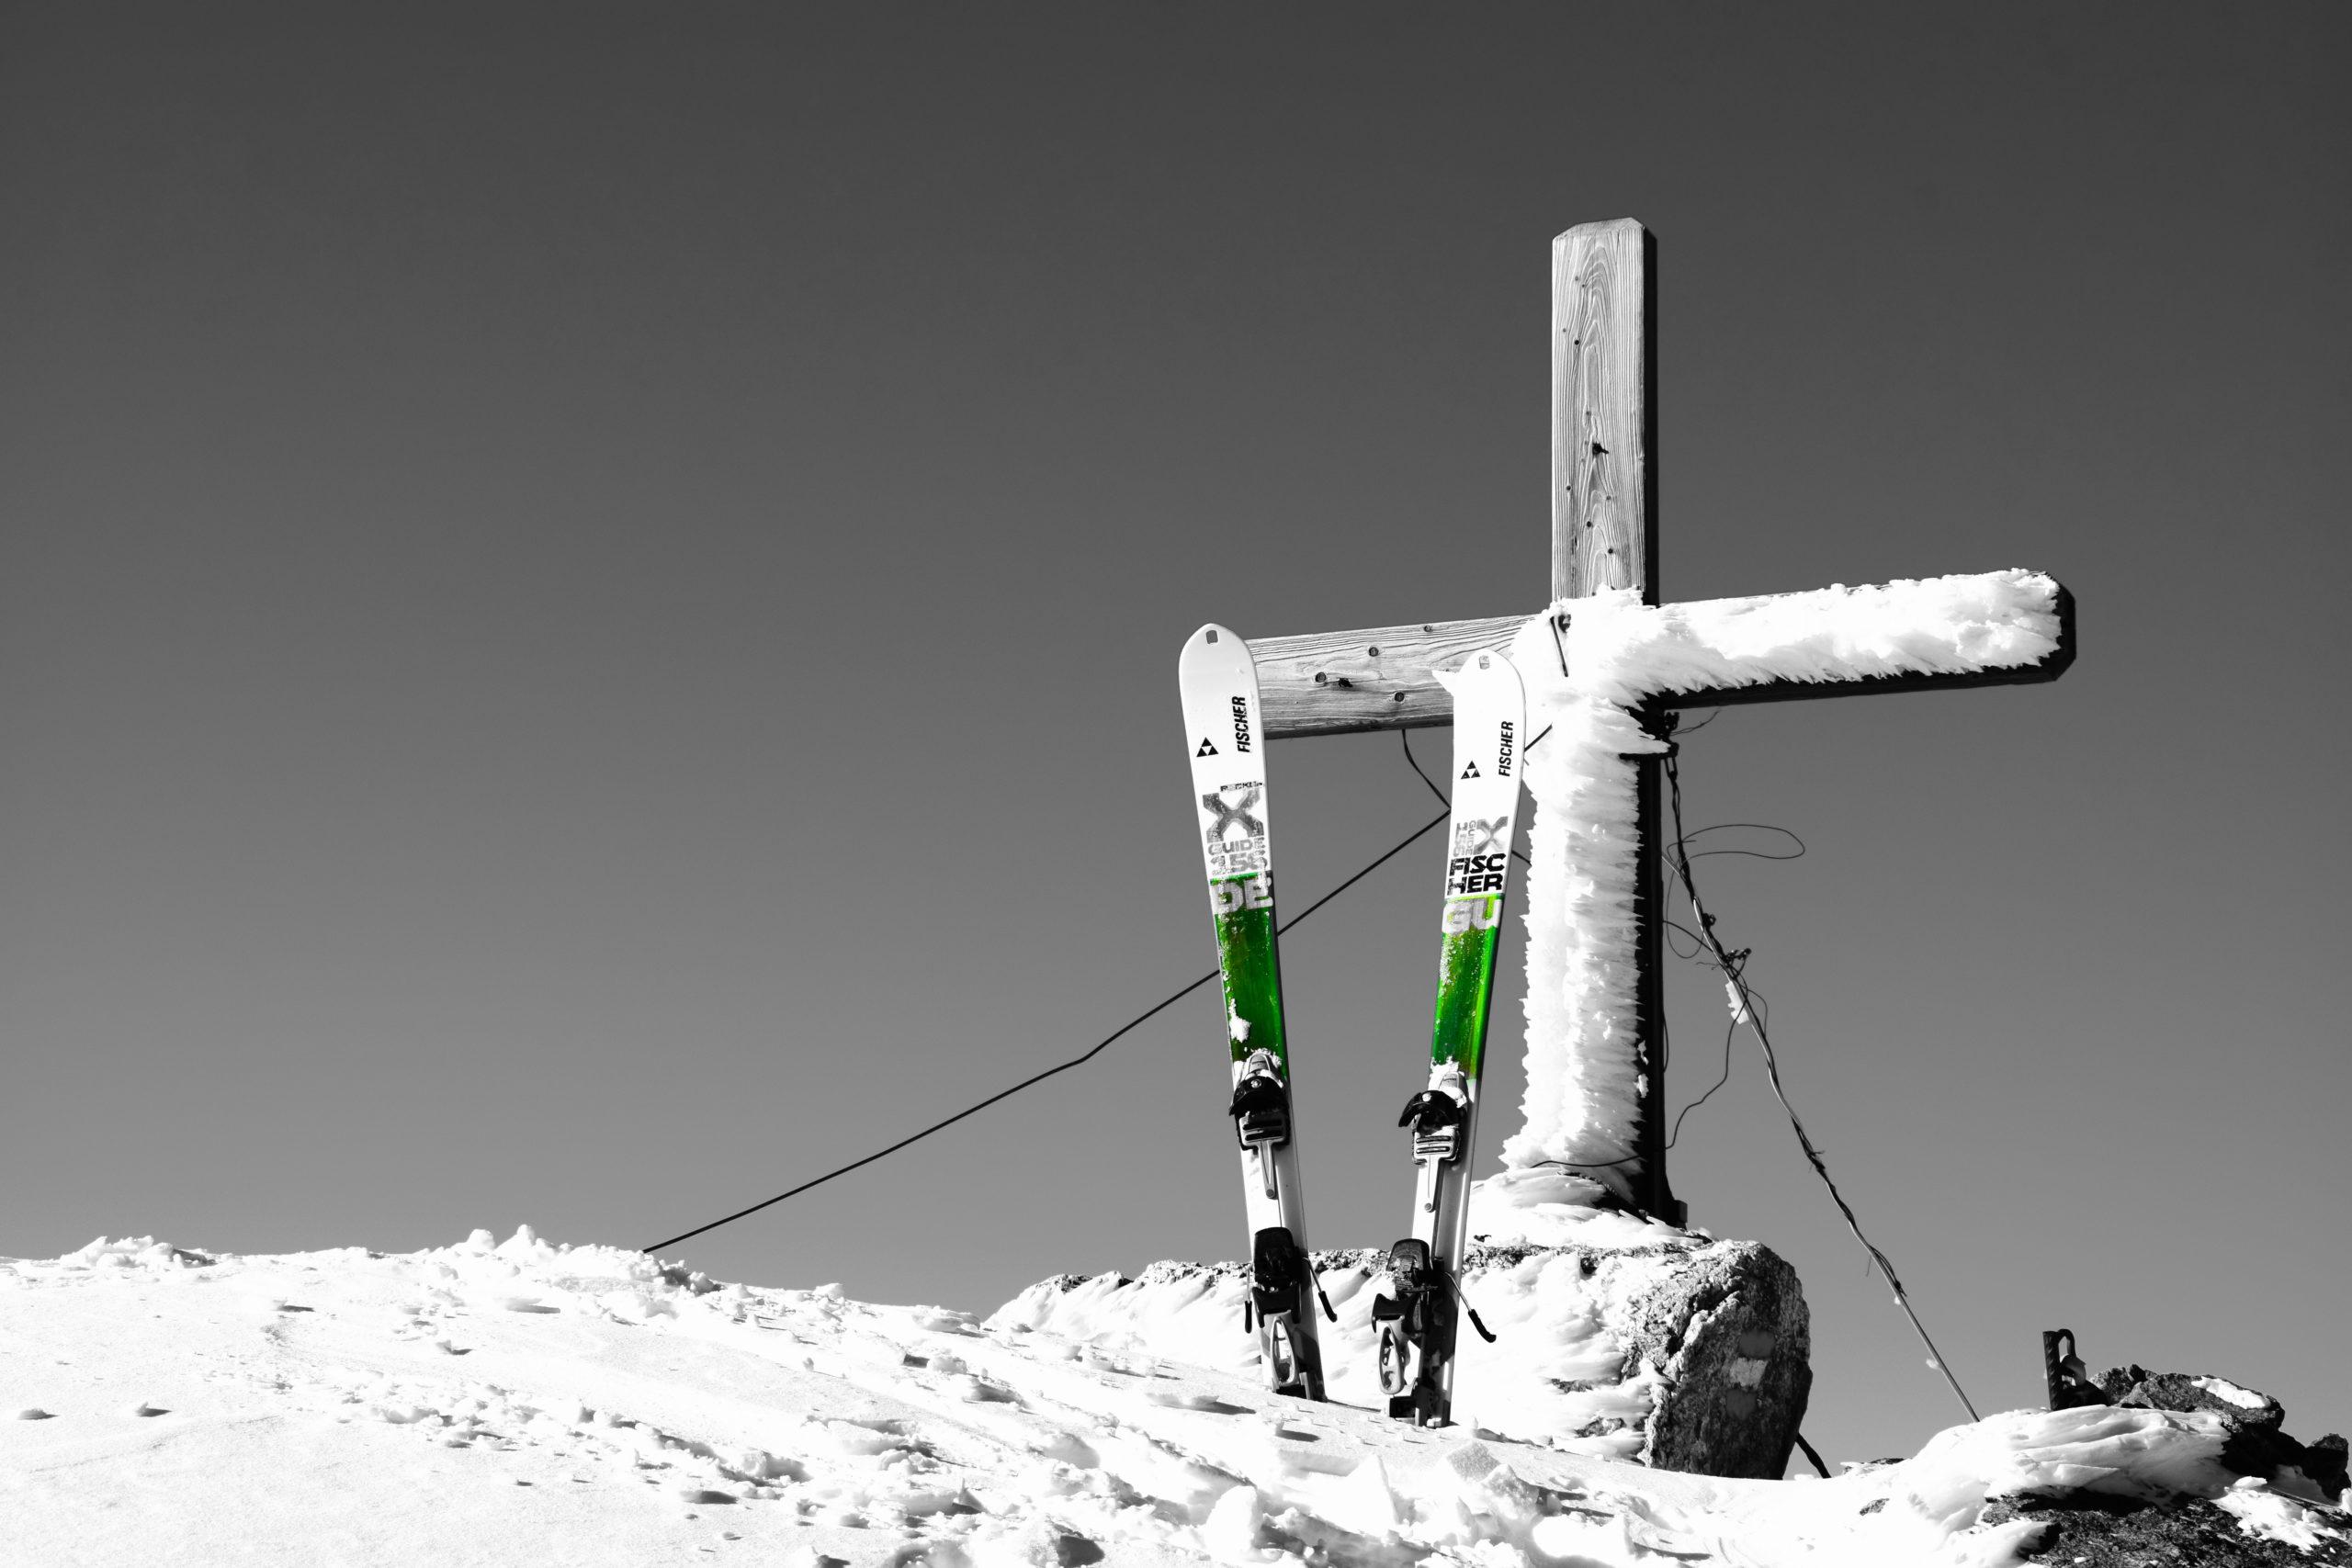 Gipfelkreuz Winter und Schi